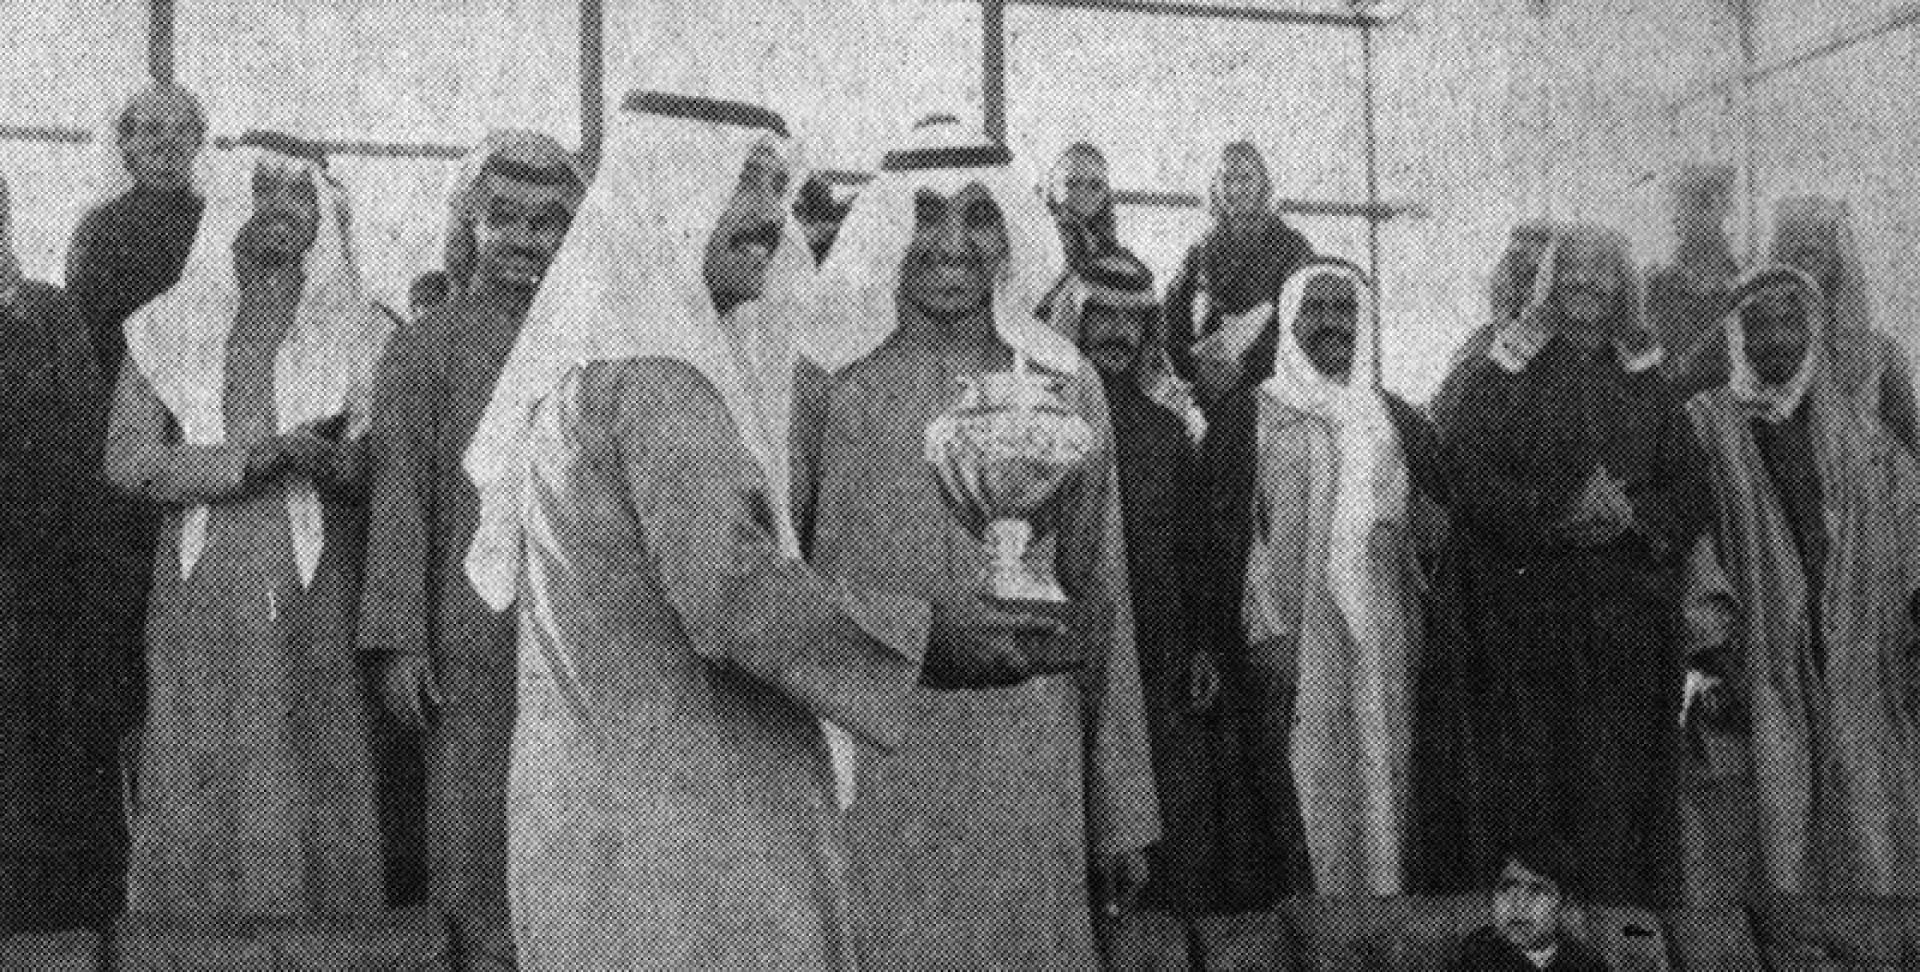 الشيخ مبارك الجابر بعد أن تسلم الكأس من عبدالعزيز الحساوي.. أرشيفية